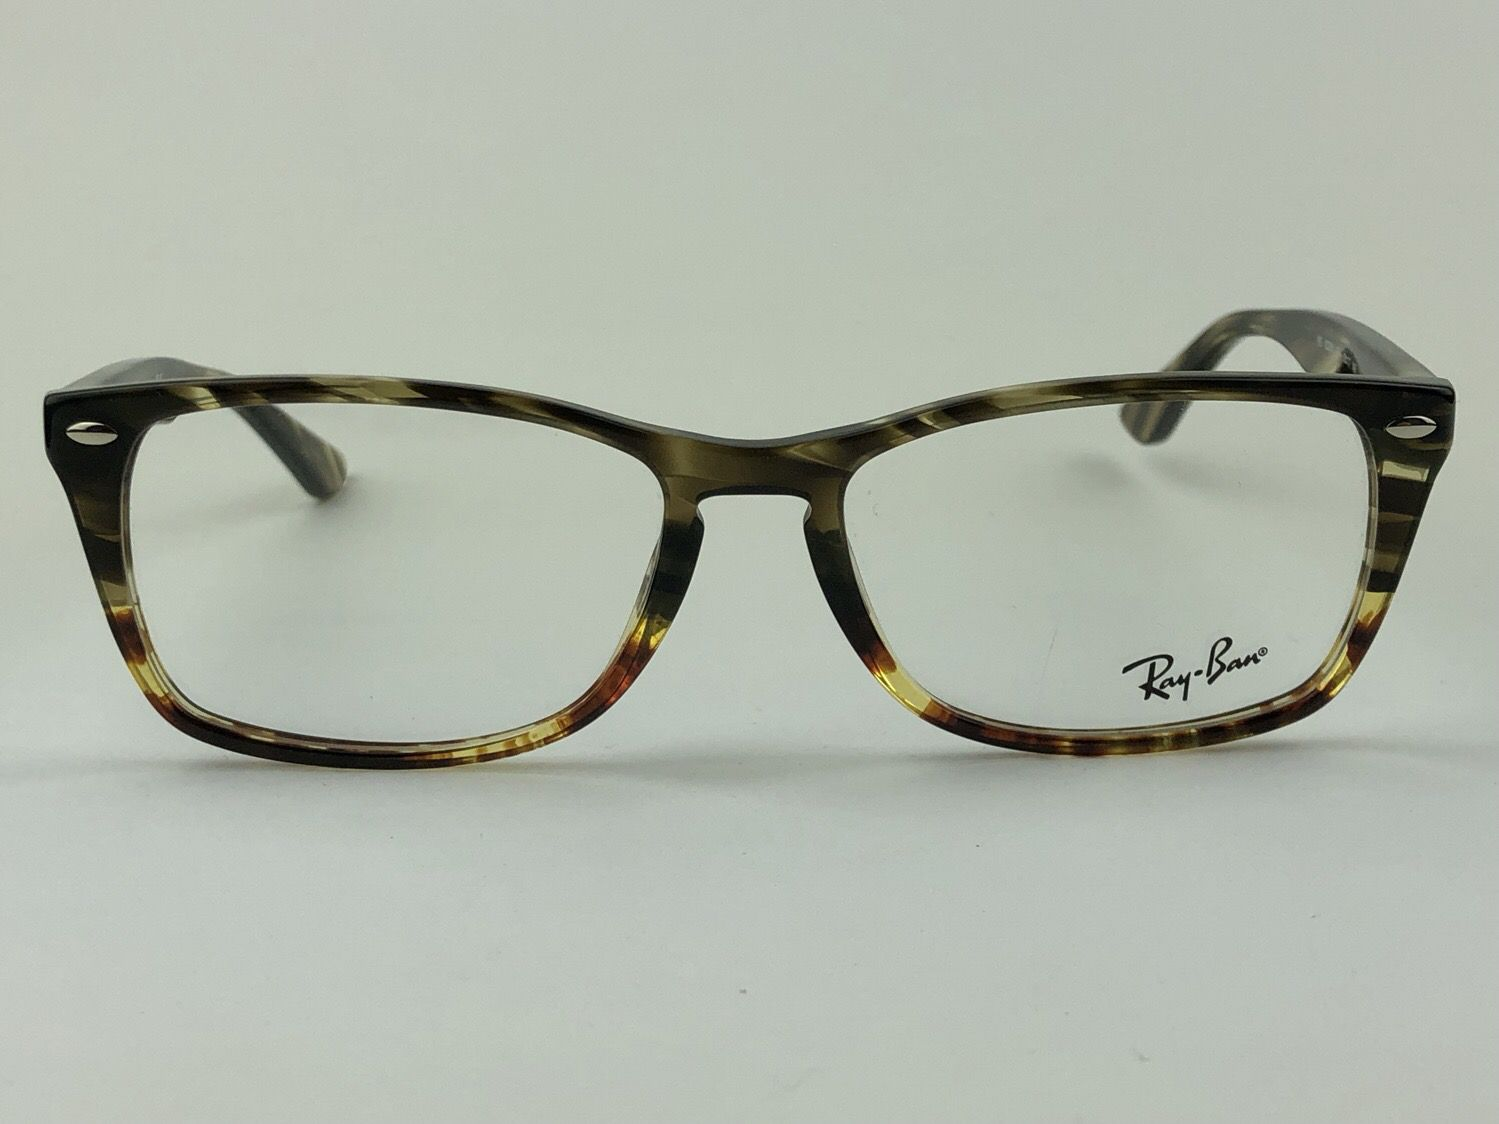 Ray Ban Optical - RX5228M - Havana - 5840 - 56/17 - Armação para grau